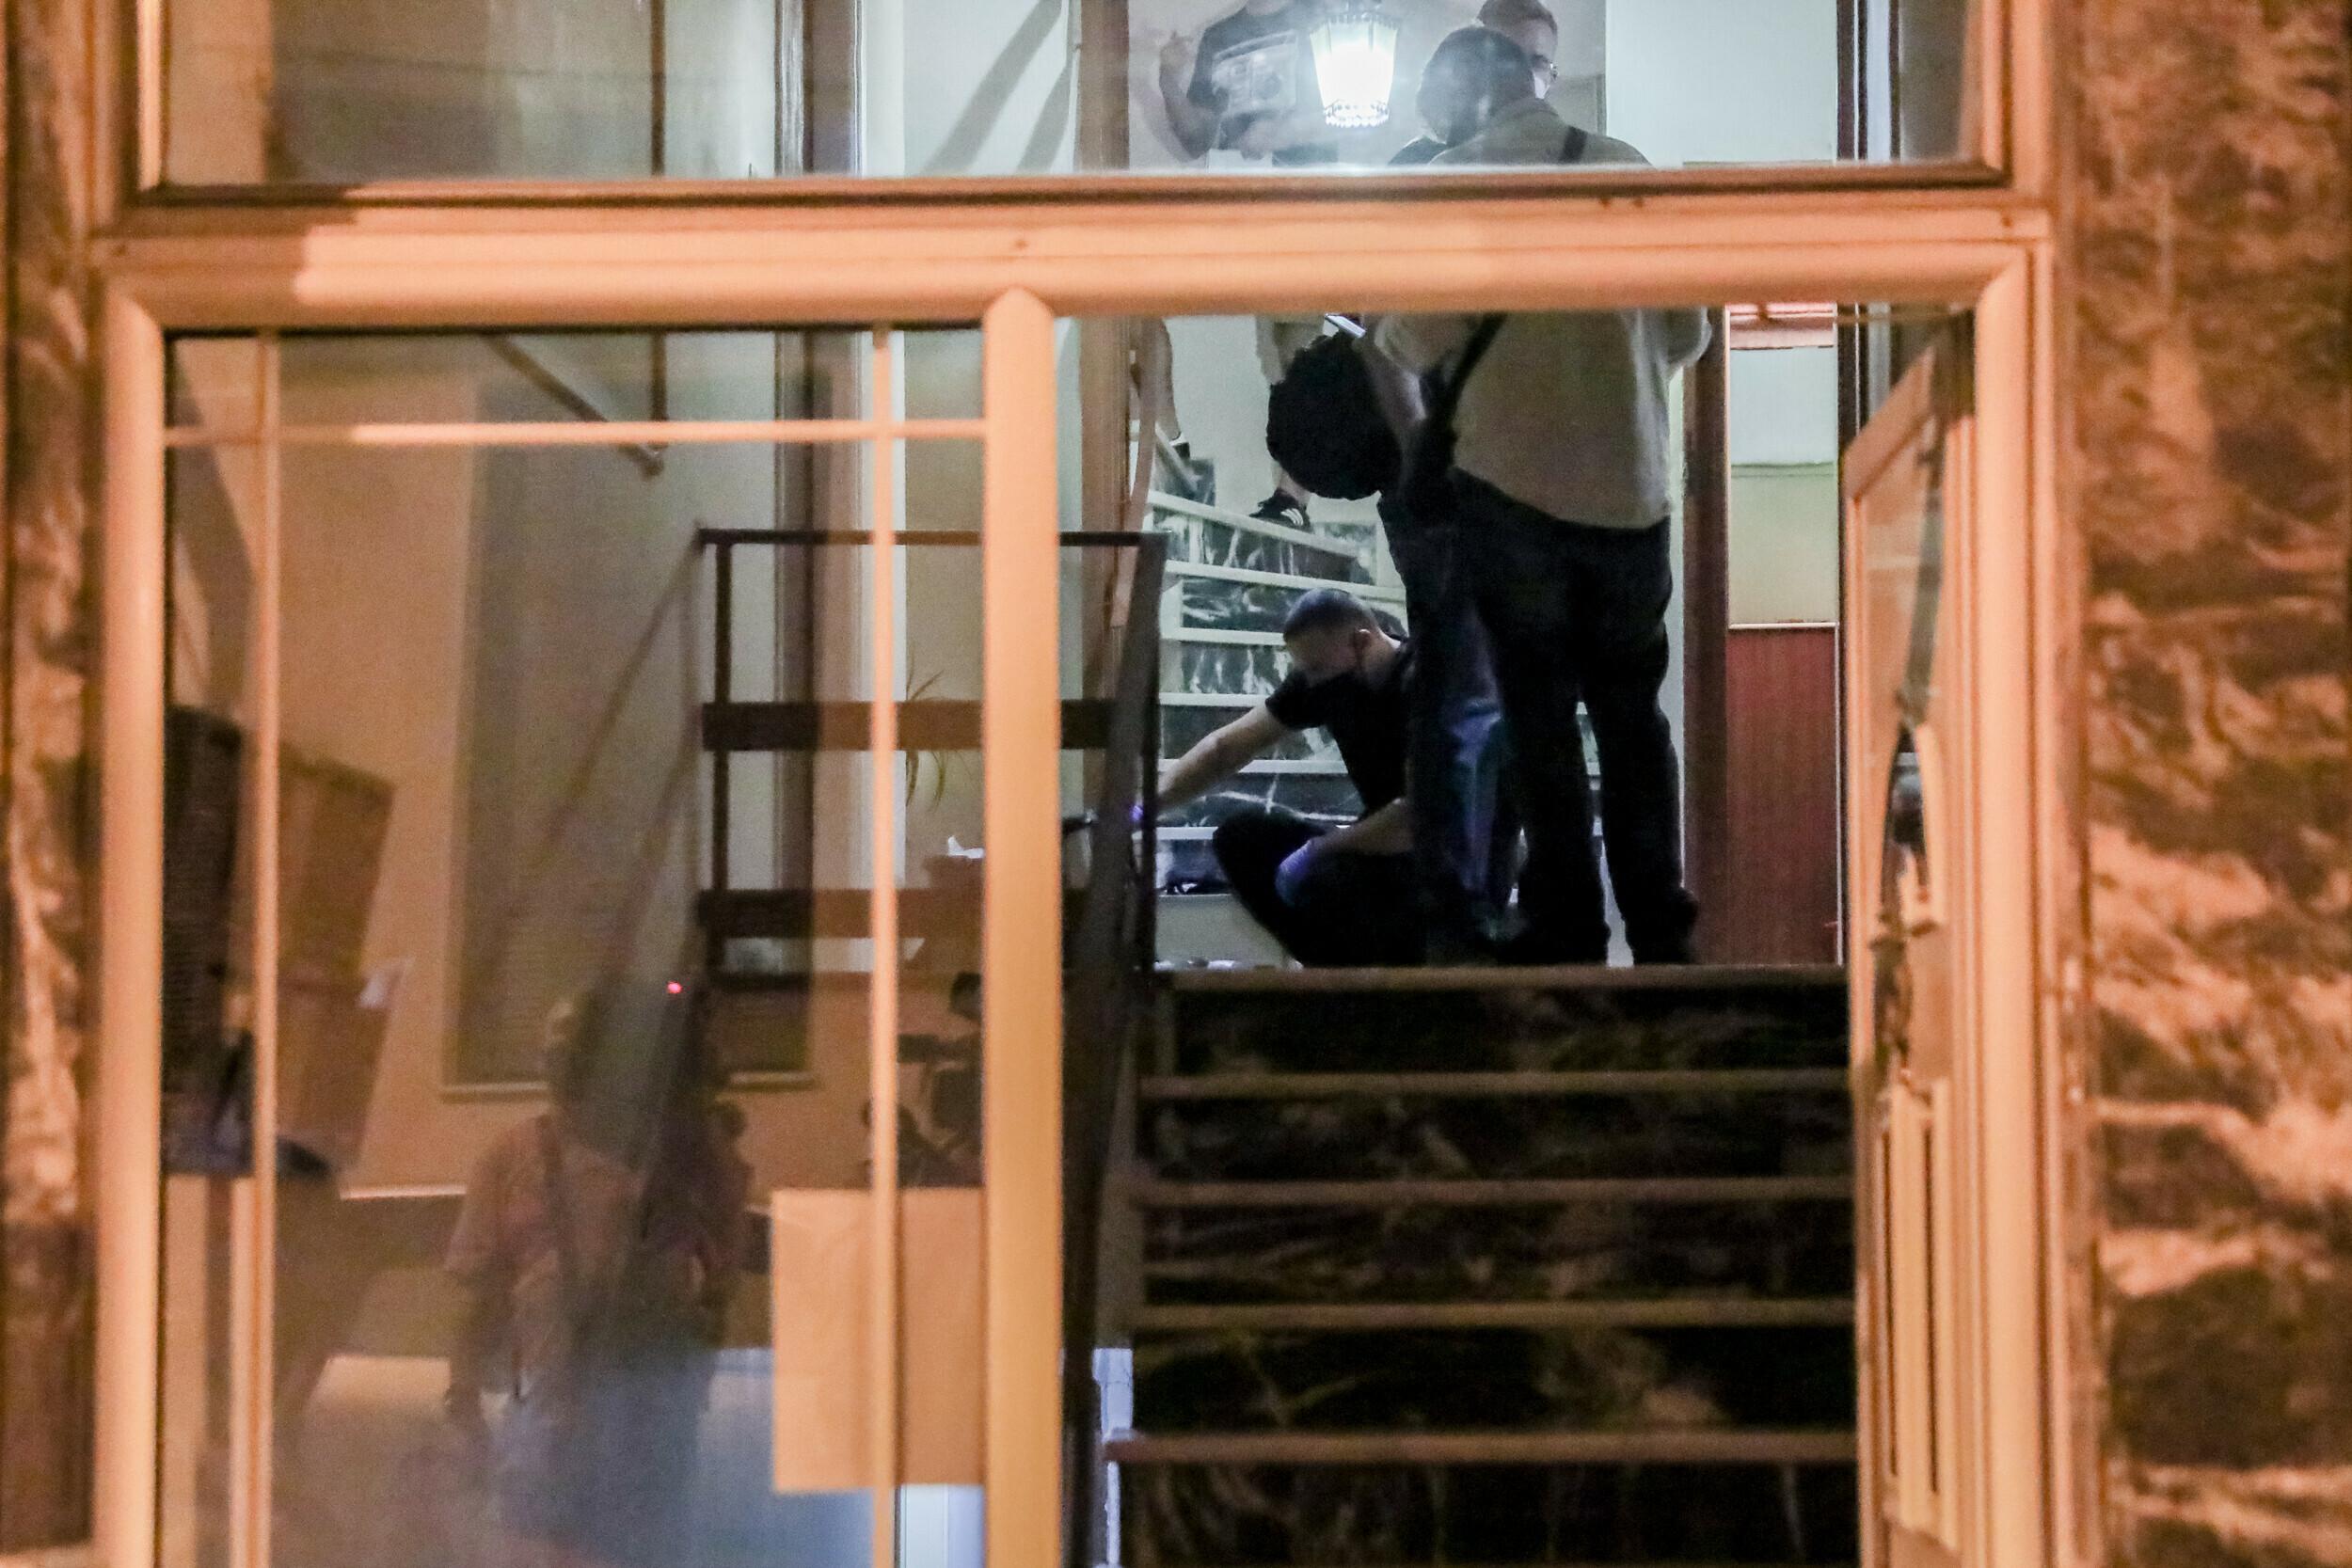 Πετράλωνα: Tαυτοποιήθηκε ο δράστης της αρπαγής και του βιασμού 50χρονης γυναίκας σε πολυκατοικία | LiFO